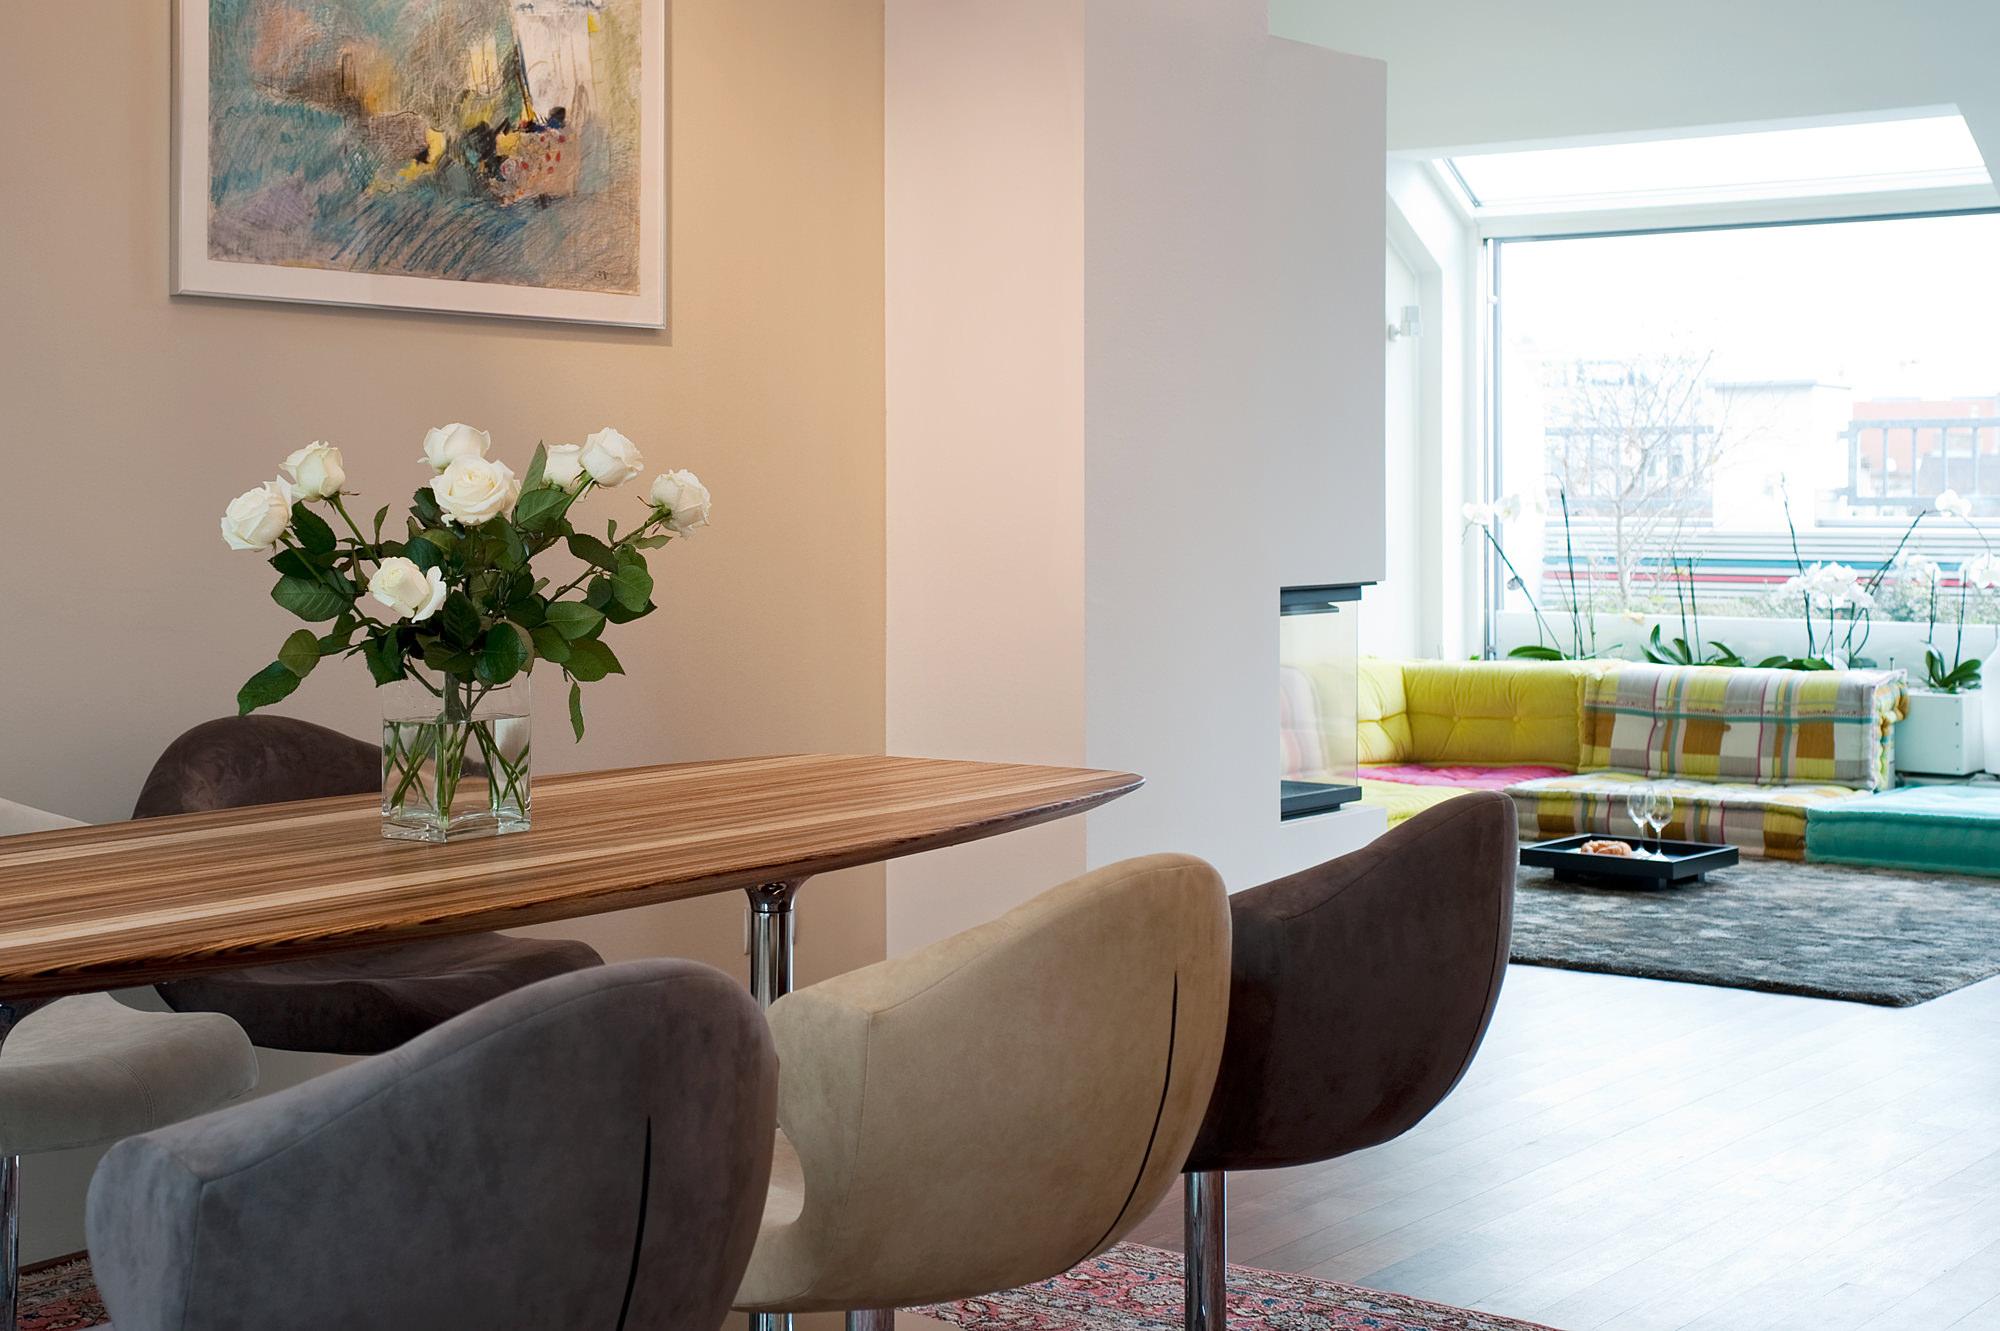 penthouse wien 4 03 umbau und innenraumgestaltung einer dachgeschosswohnung  junger beer architektur